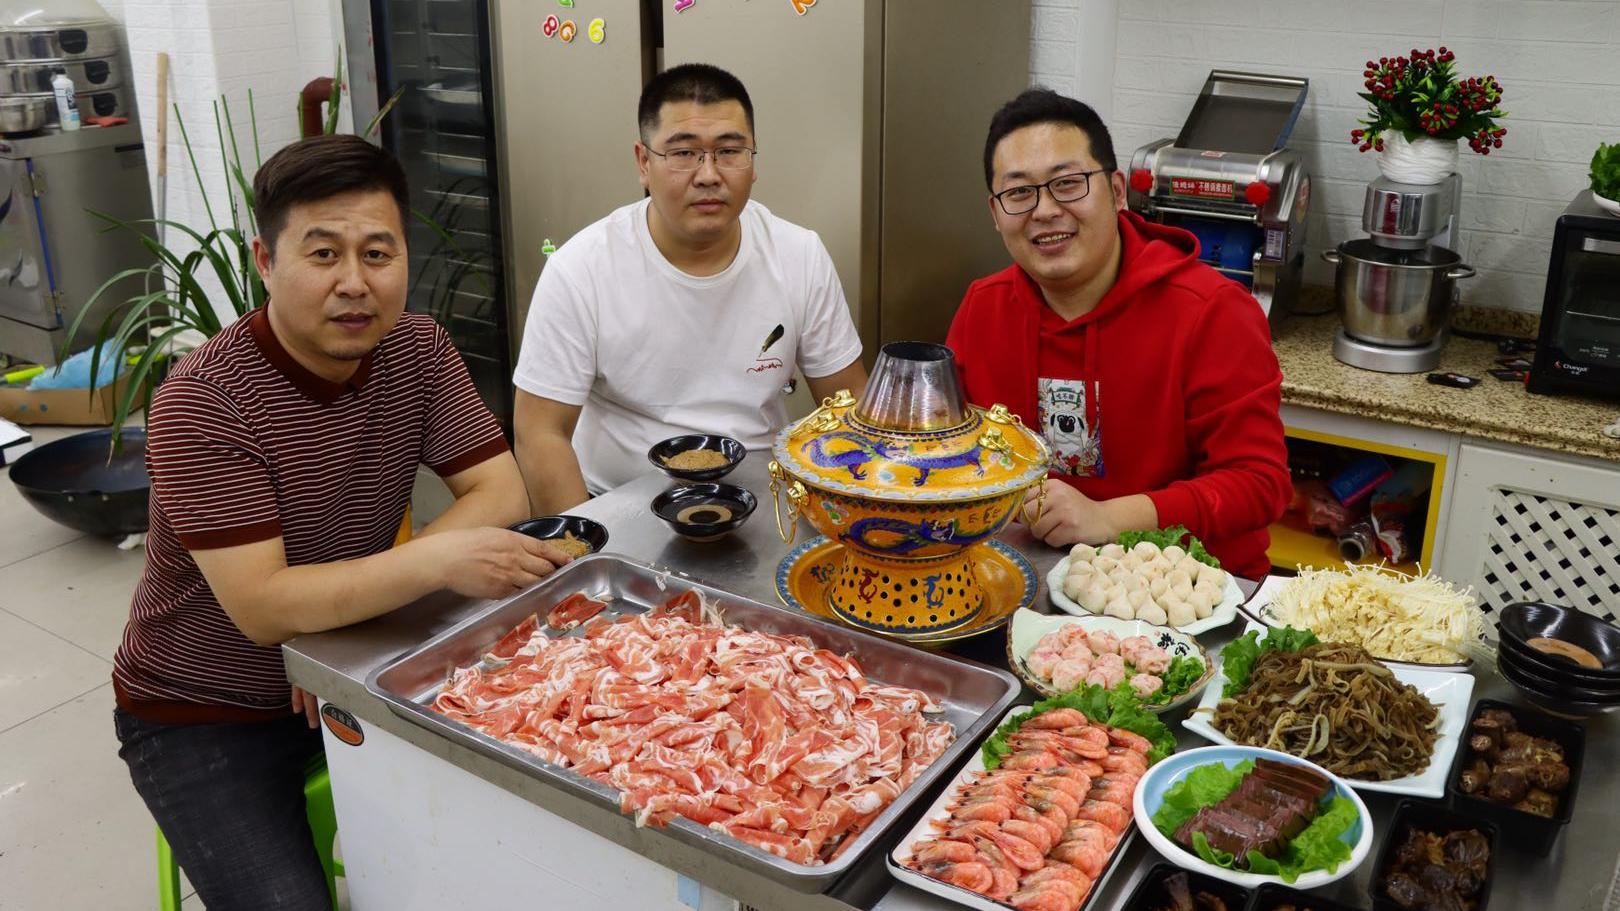 """5斤羊肉一堆菜,叫上几个朋友,来顿""""涮羊肉""""简单喝一口"""